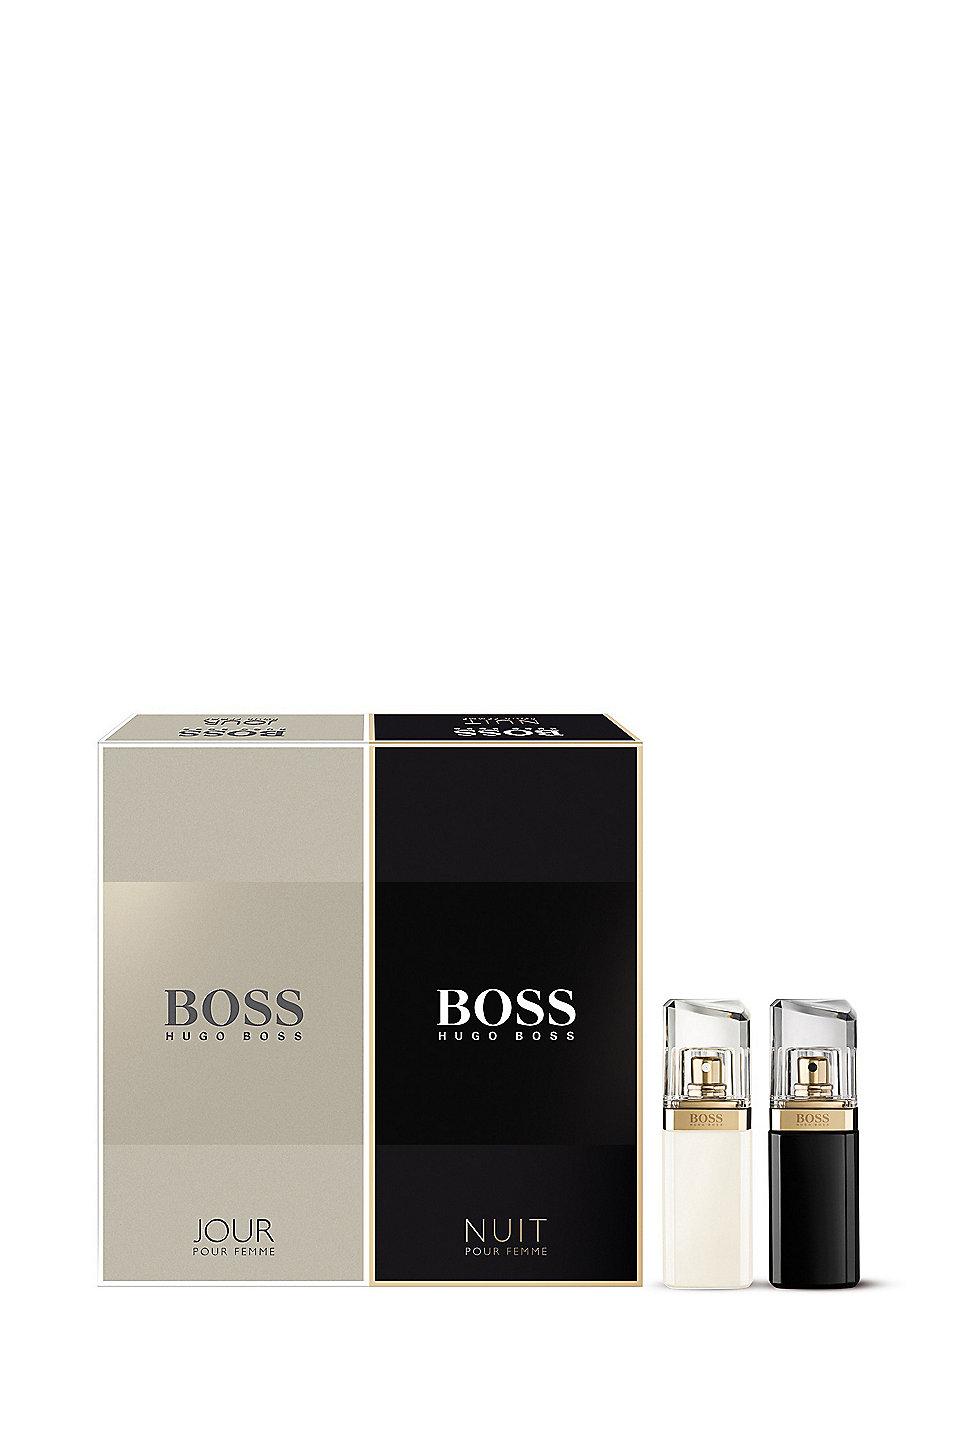 Boss Boss Jour And Nuit Gift Set Boss Jour 1 Fl Oz And Boss